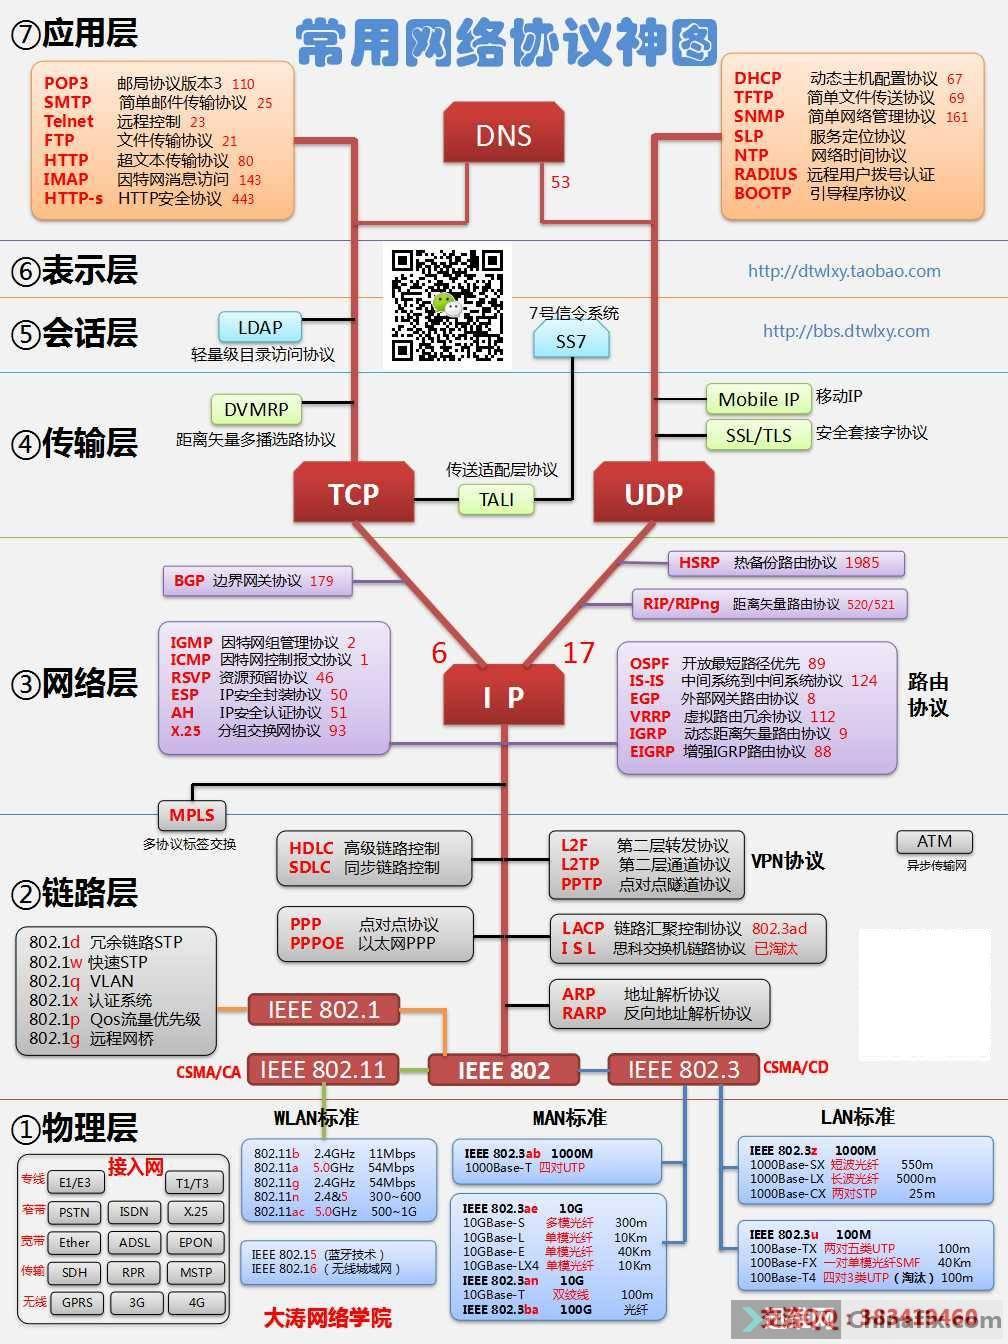 大涛网络协议神图.jpg